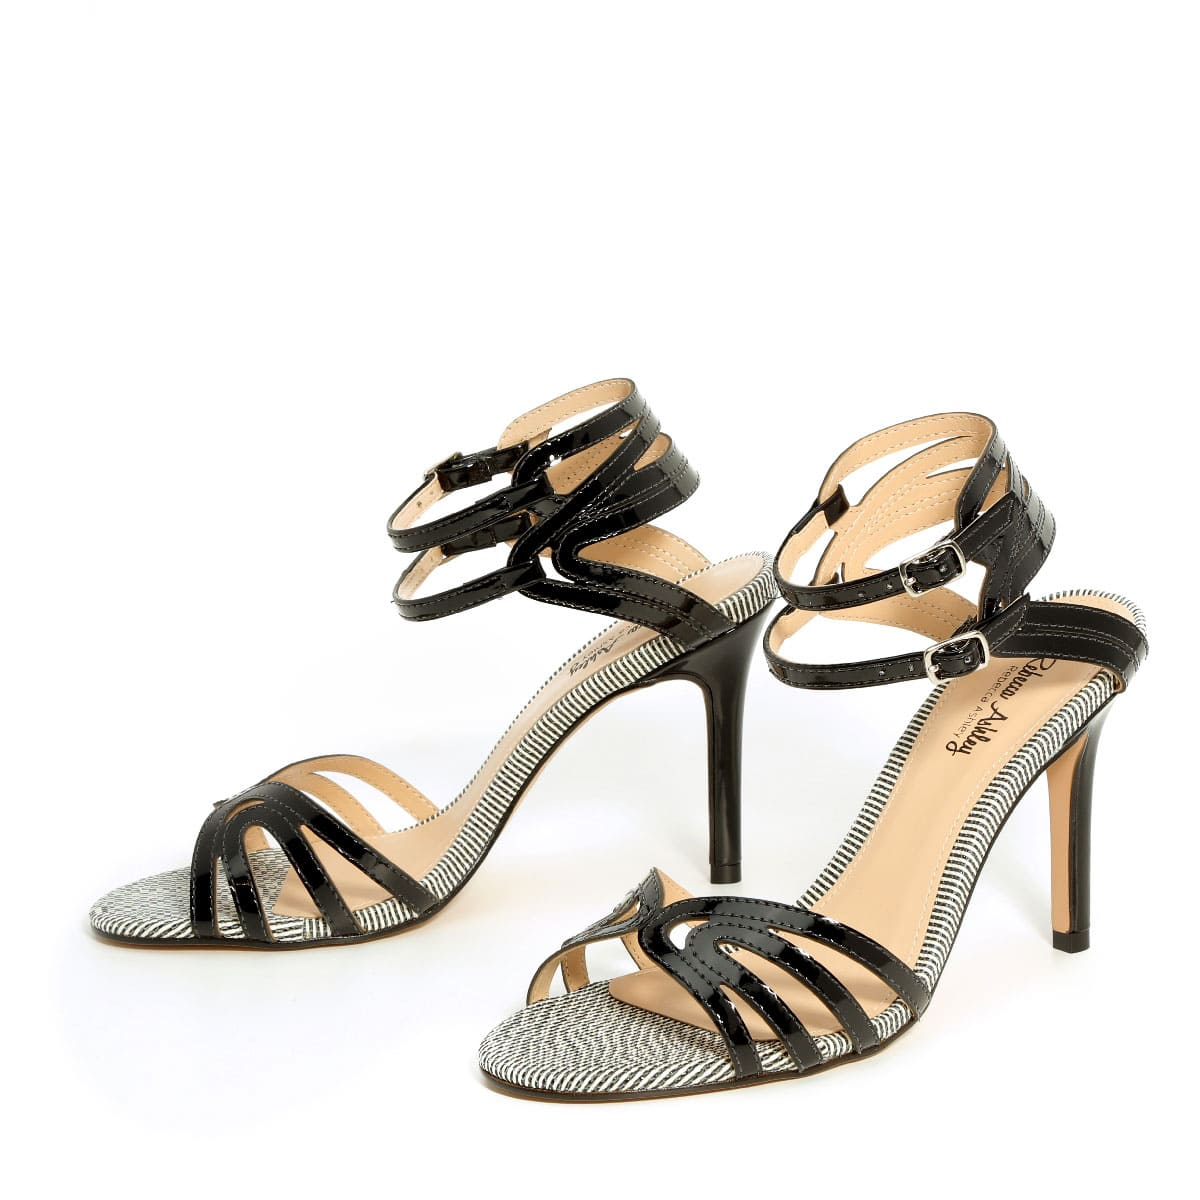 דגם אופיר: נעלי עקב בצבע שחור